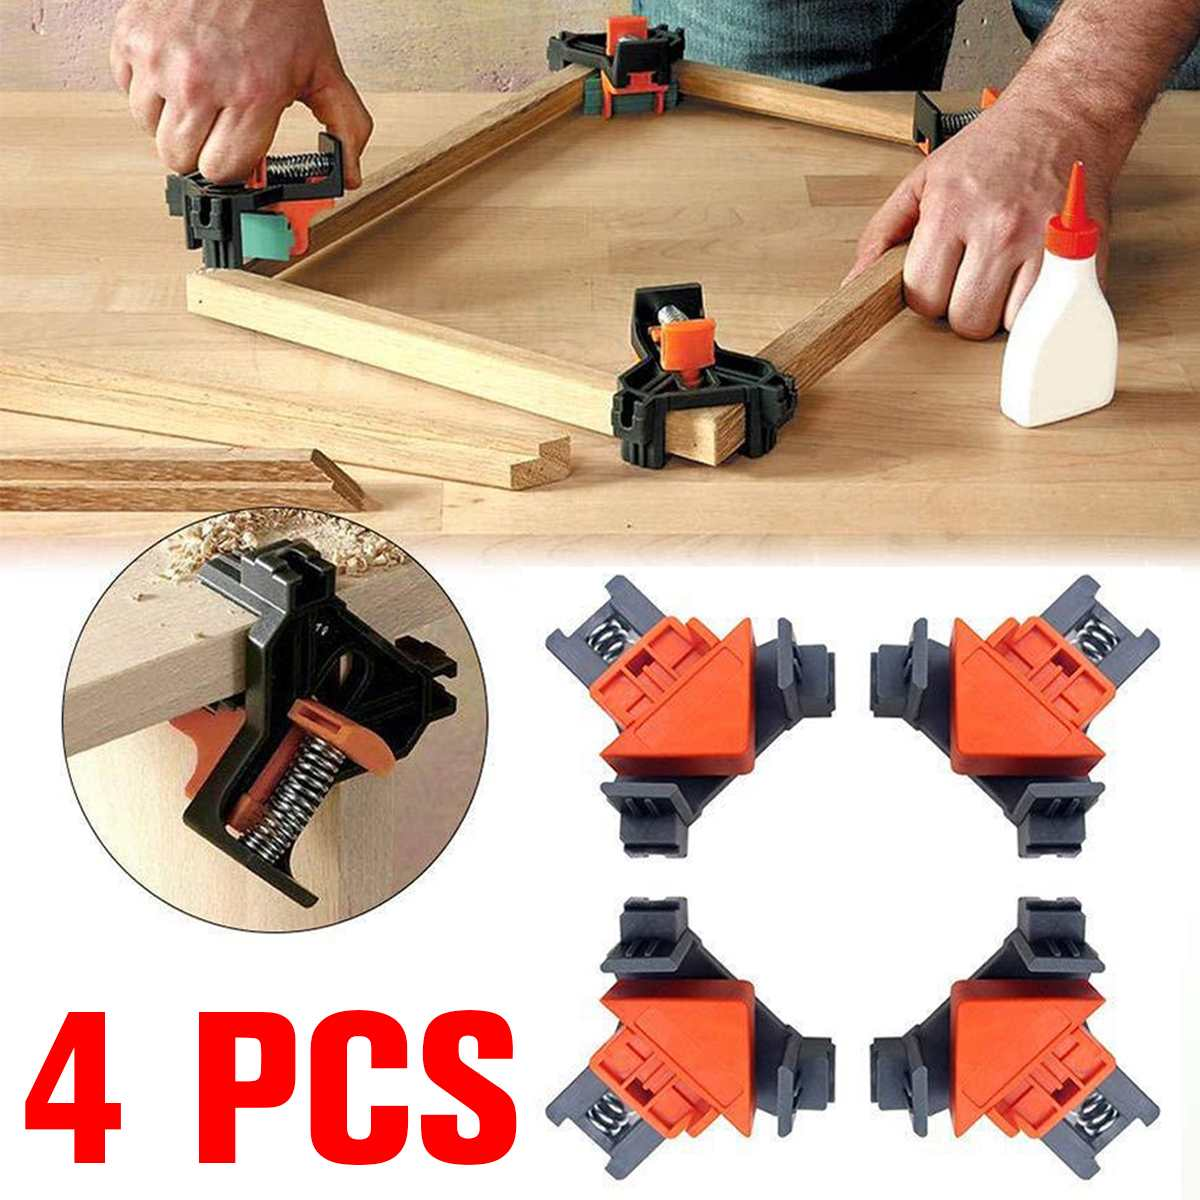 4 Uds. 90 grados de ángulo recto de esquina Clips Kit de fijación regla marco de imagen abrazadera de esquina carpintería herramienta de mano abrazaderas angulares